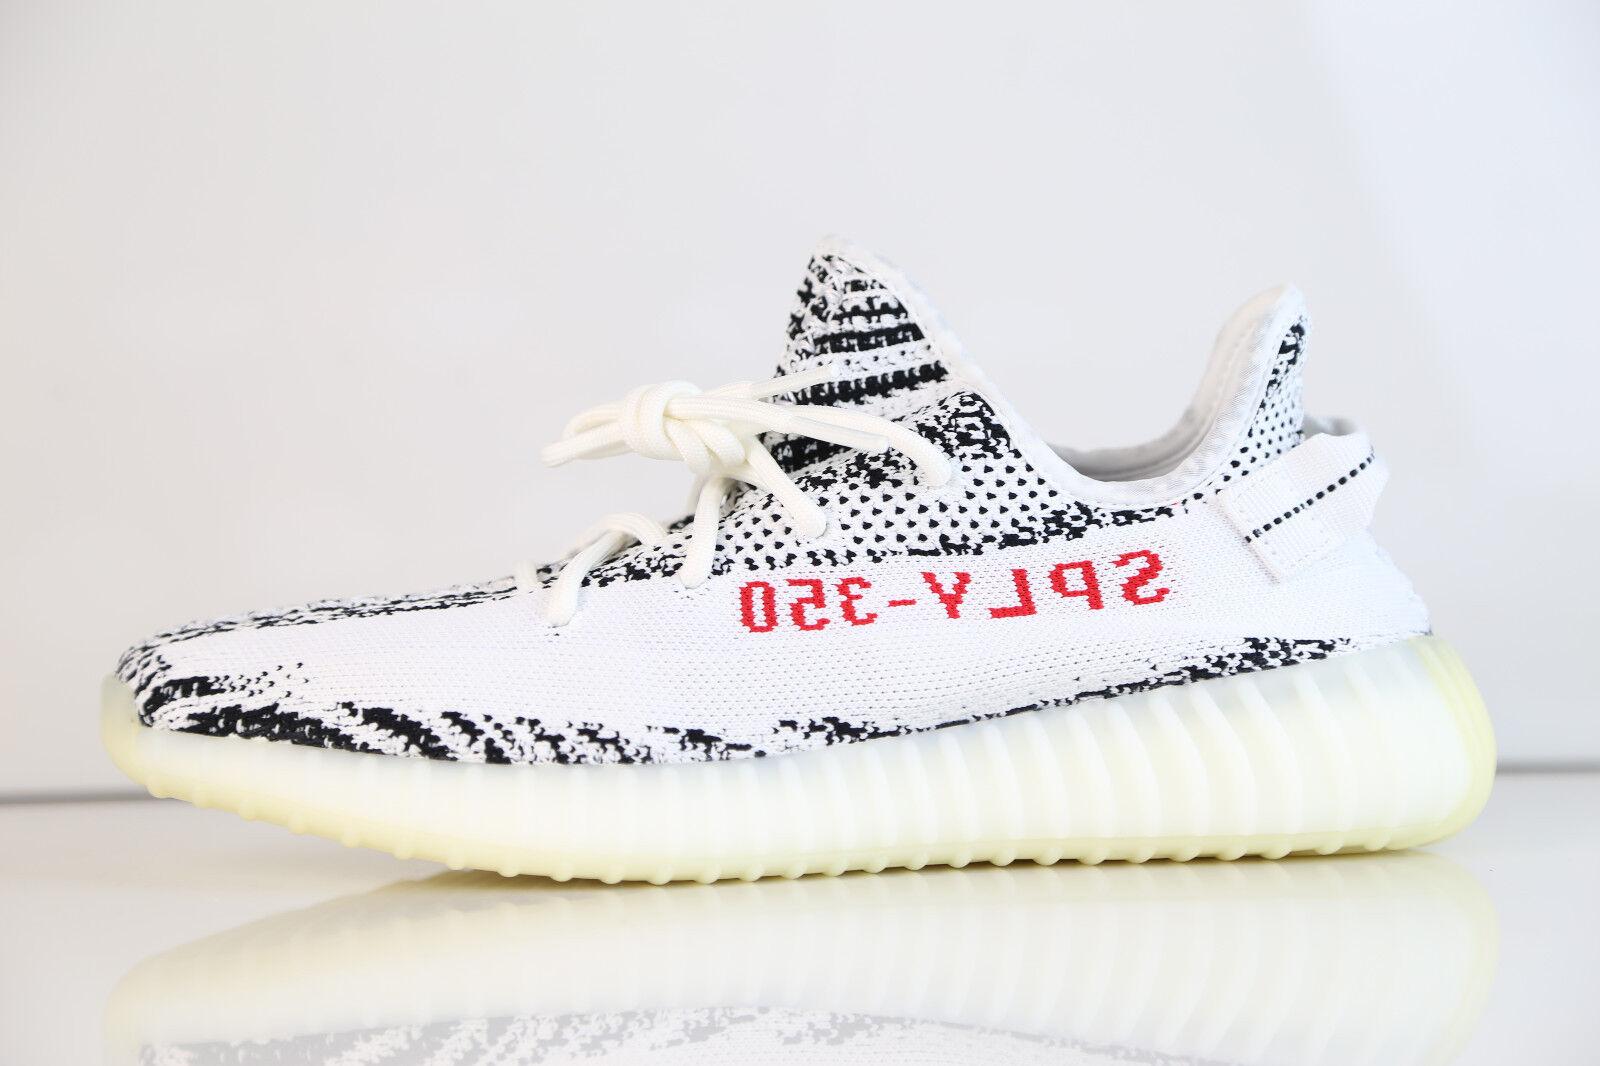 Adidas yeezy da kanye west, 350 v2 zebra bianco grigio - rosso cp9654 514 impulso pk - 1